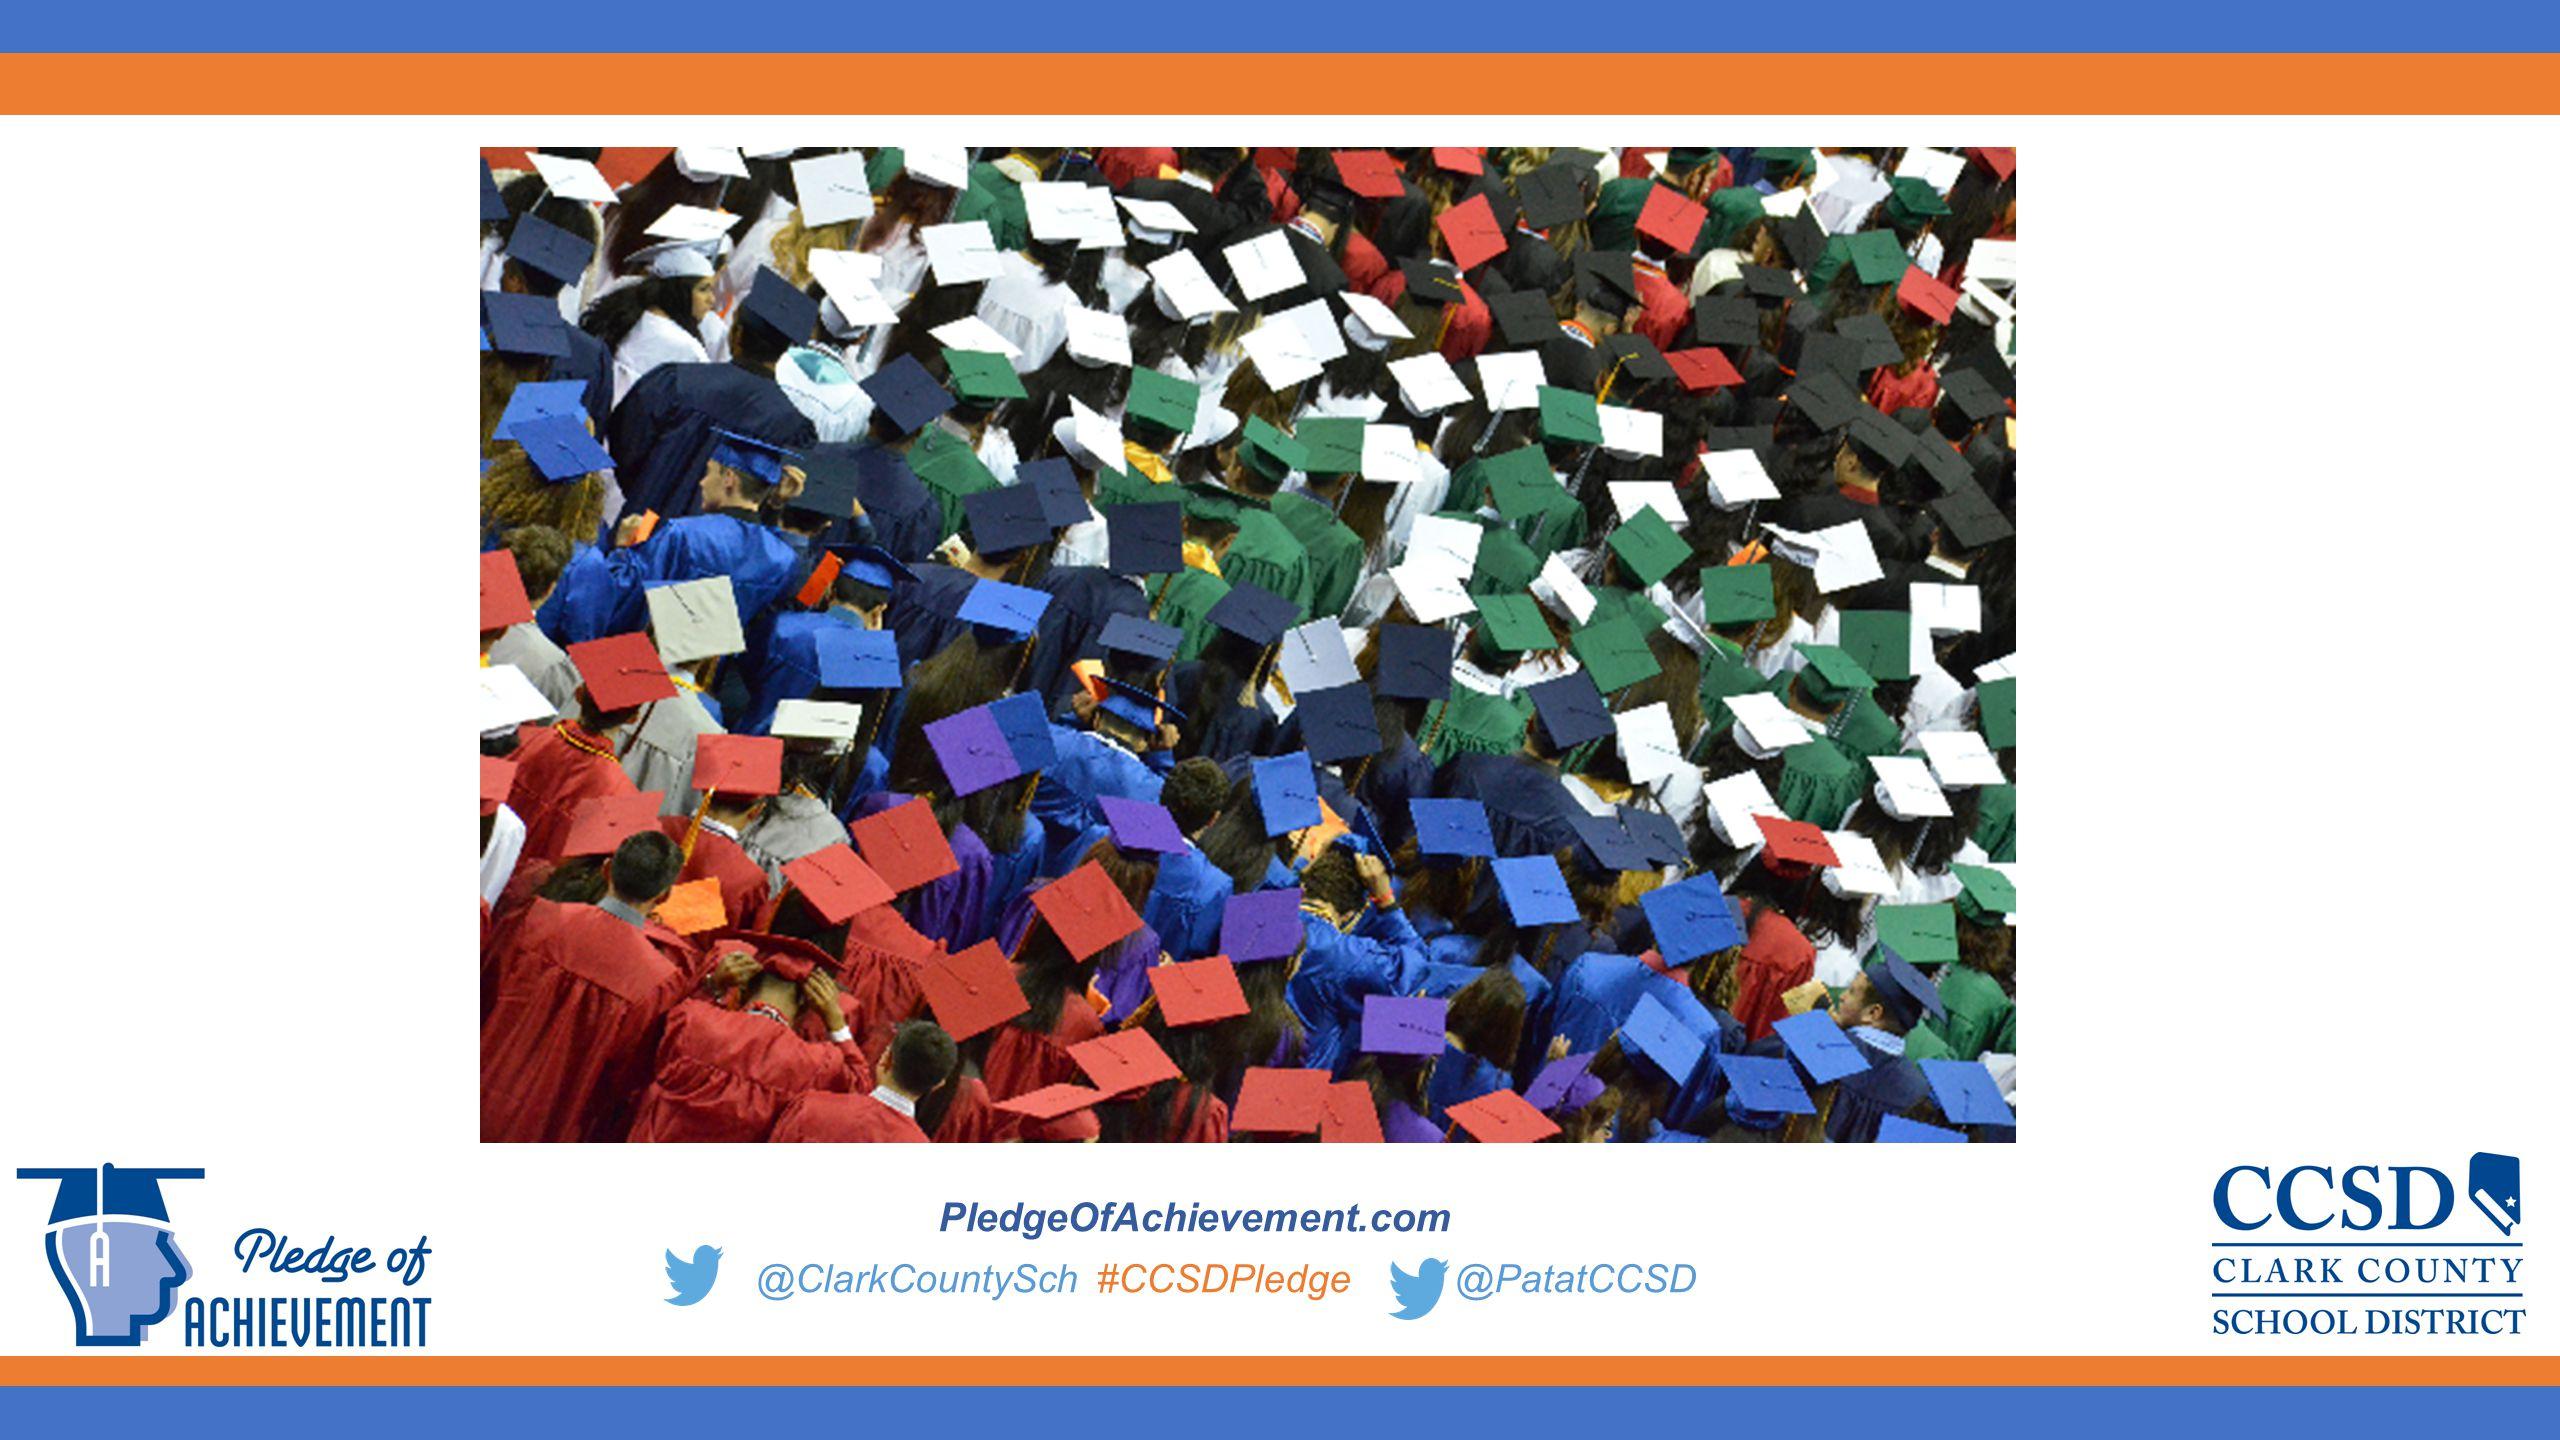 25 PledgeOfAchievement.com @ClarkCountySch #CCSDPledge @PatatCCSD